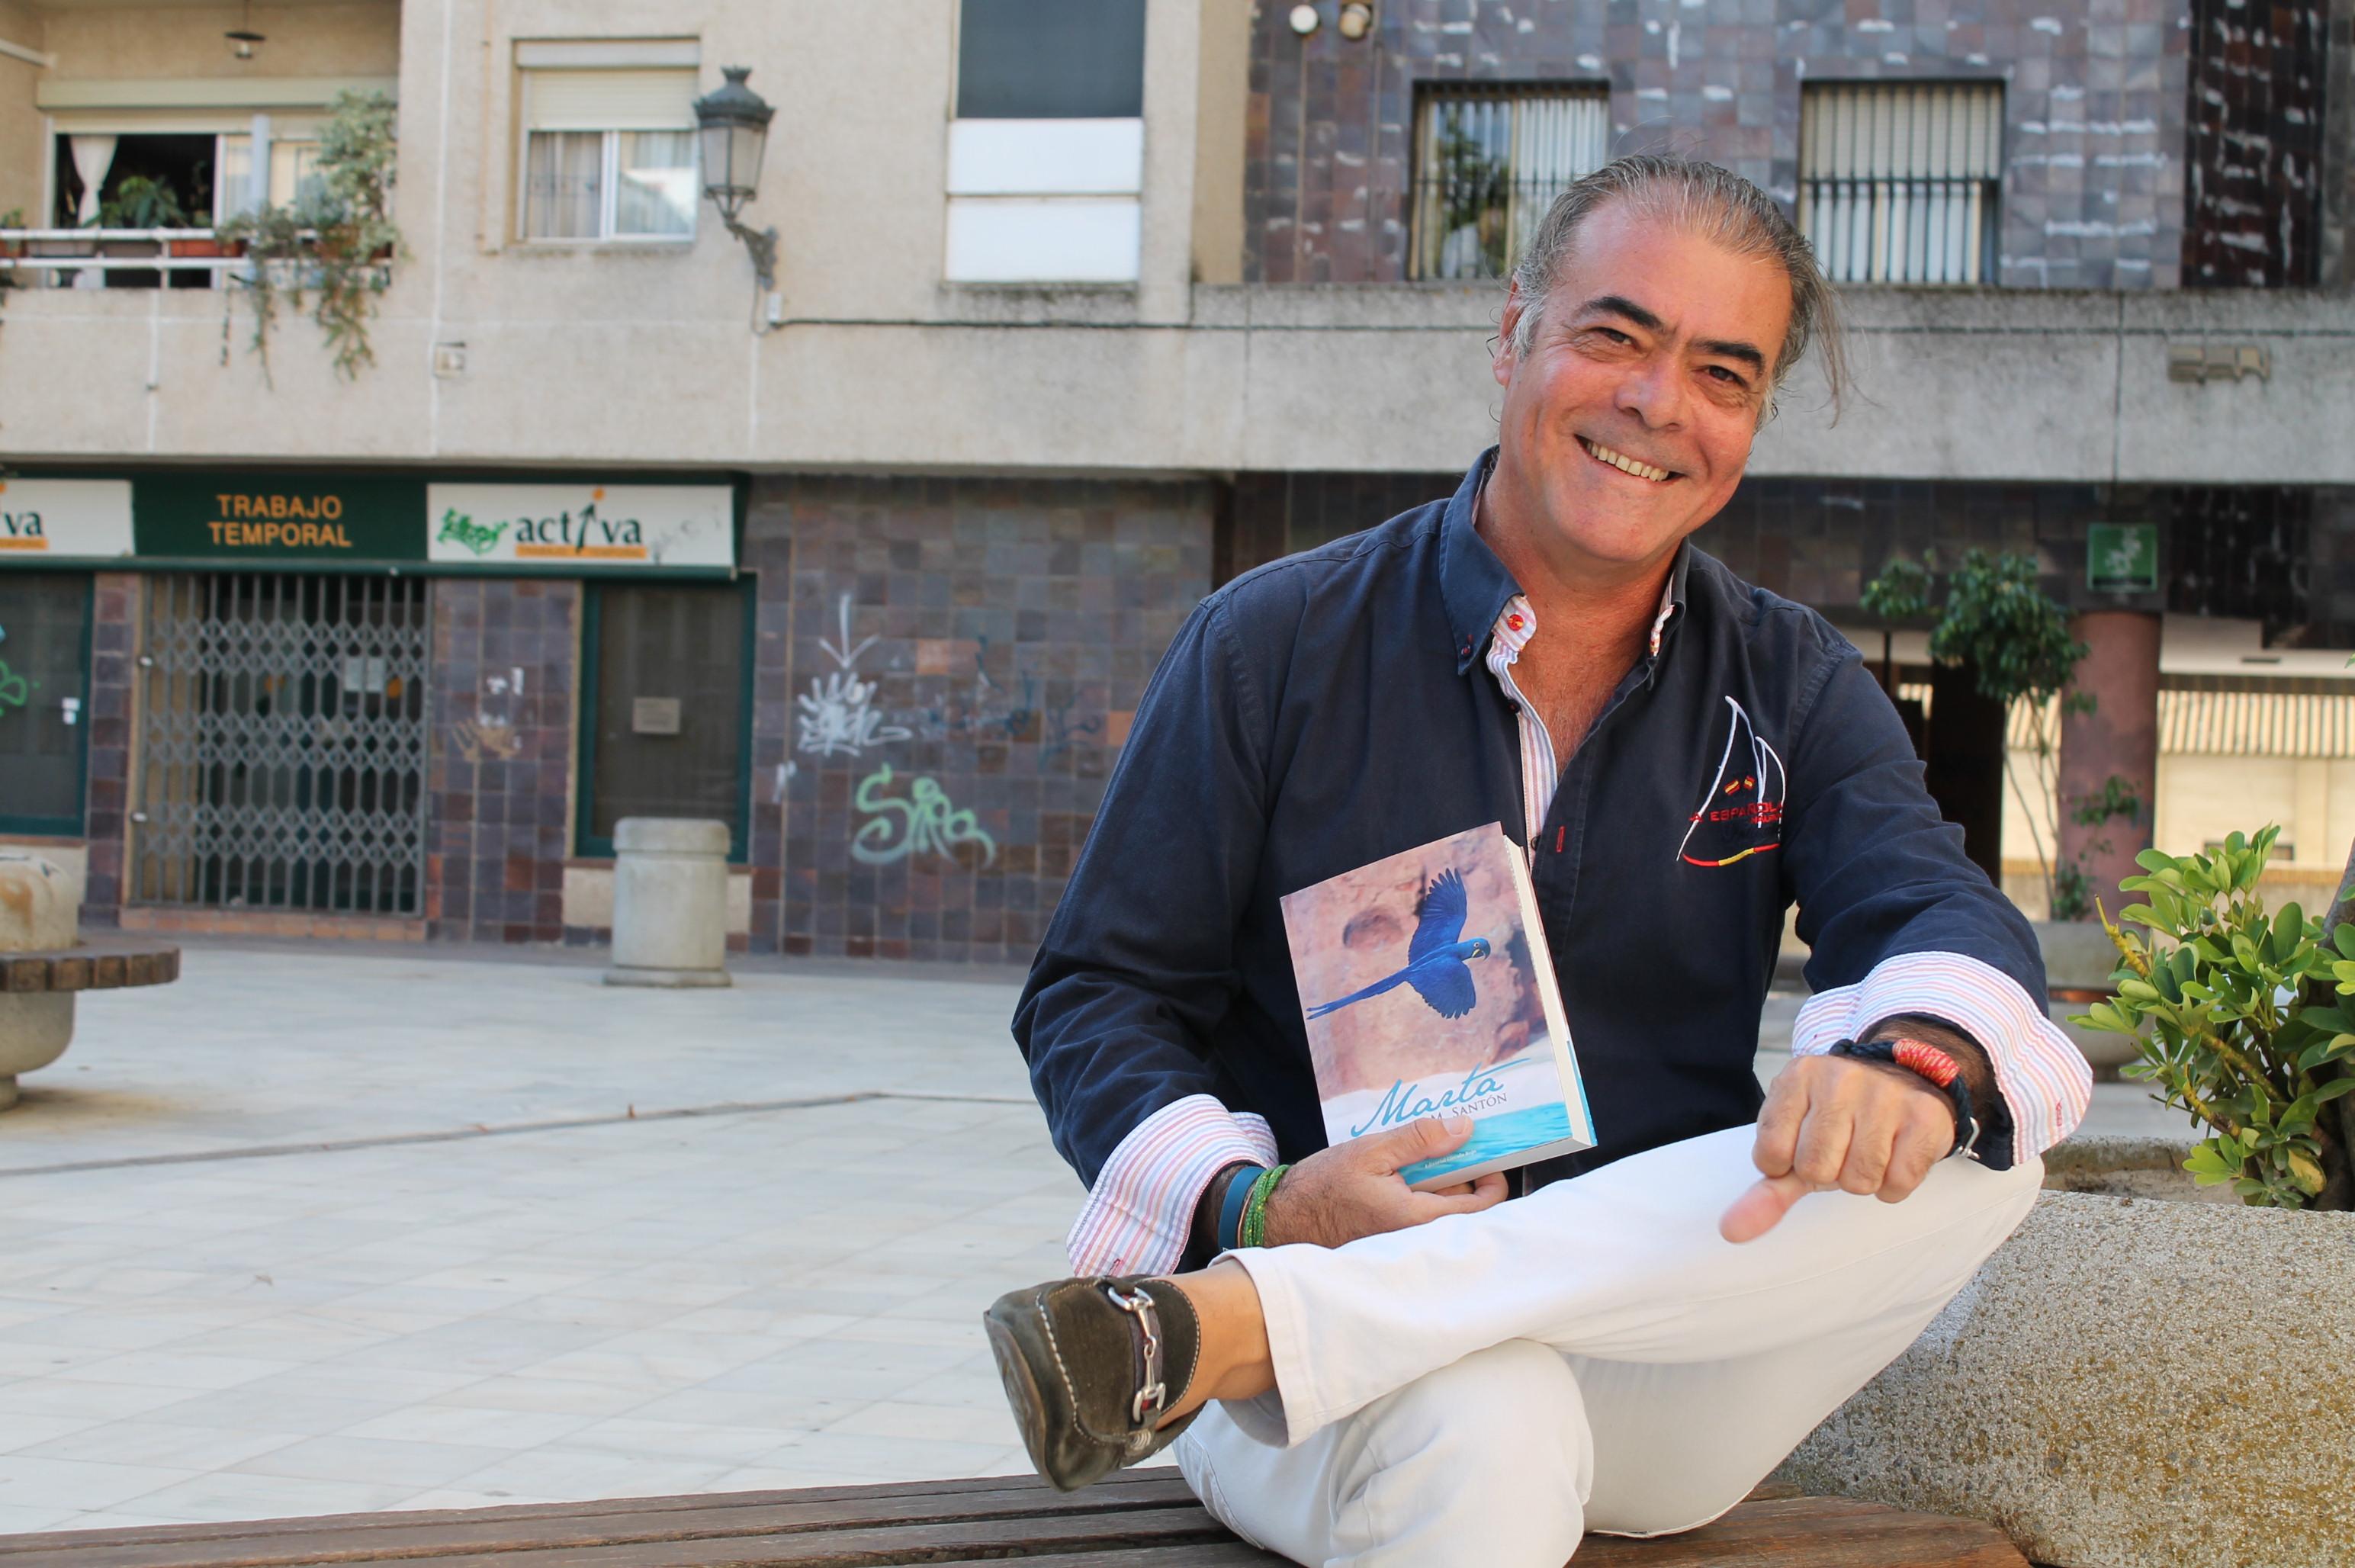 El escritor onubense Javier Sánchez.